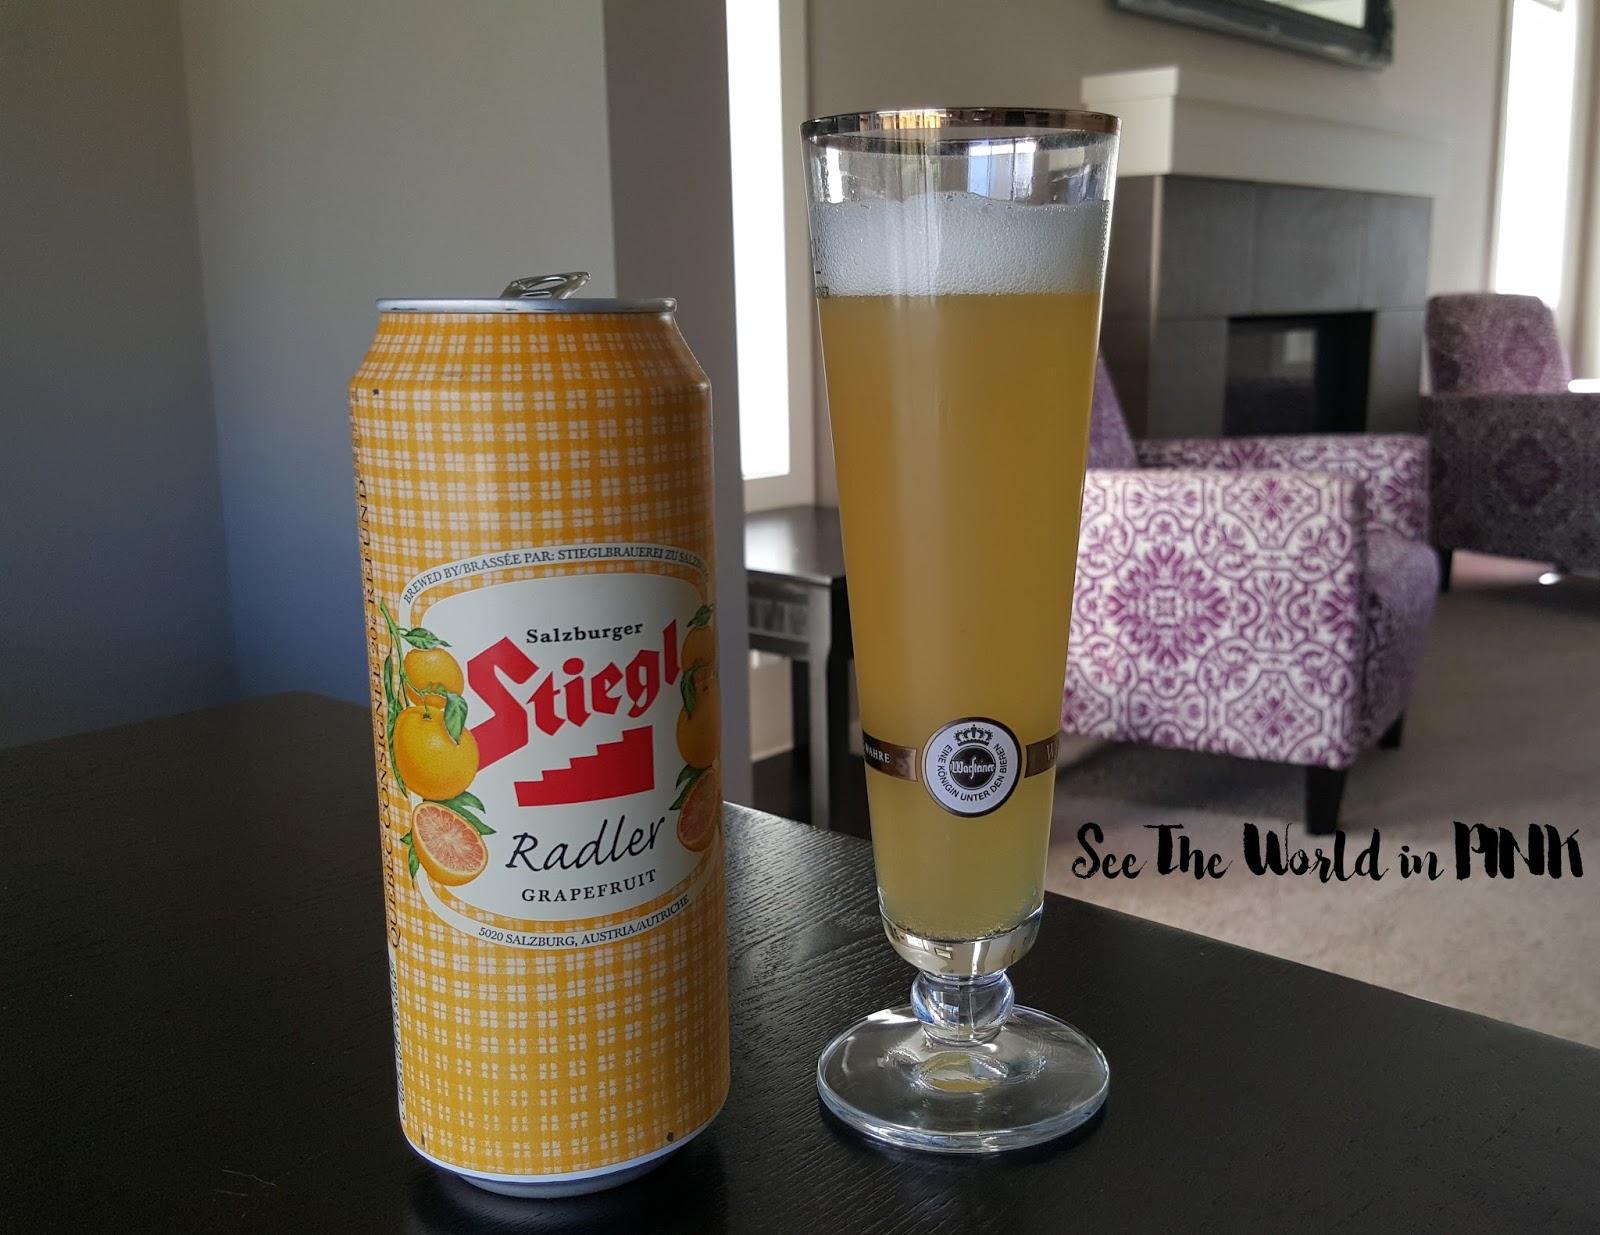 Stiegl Radler Grapefruit beer